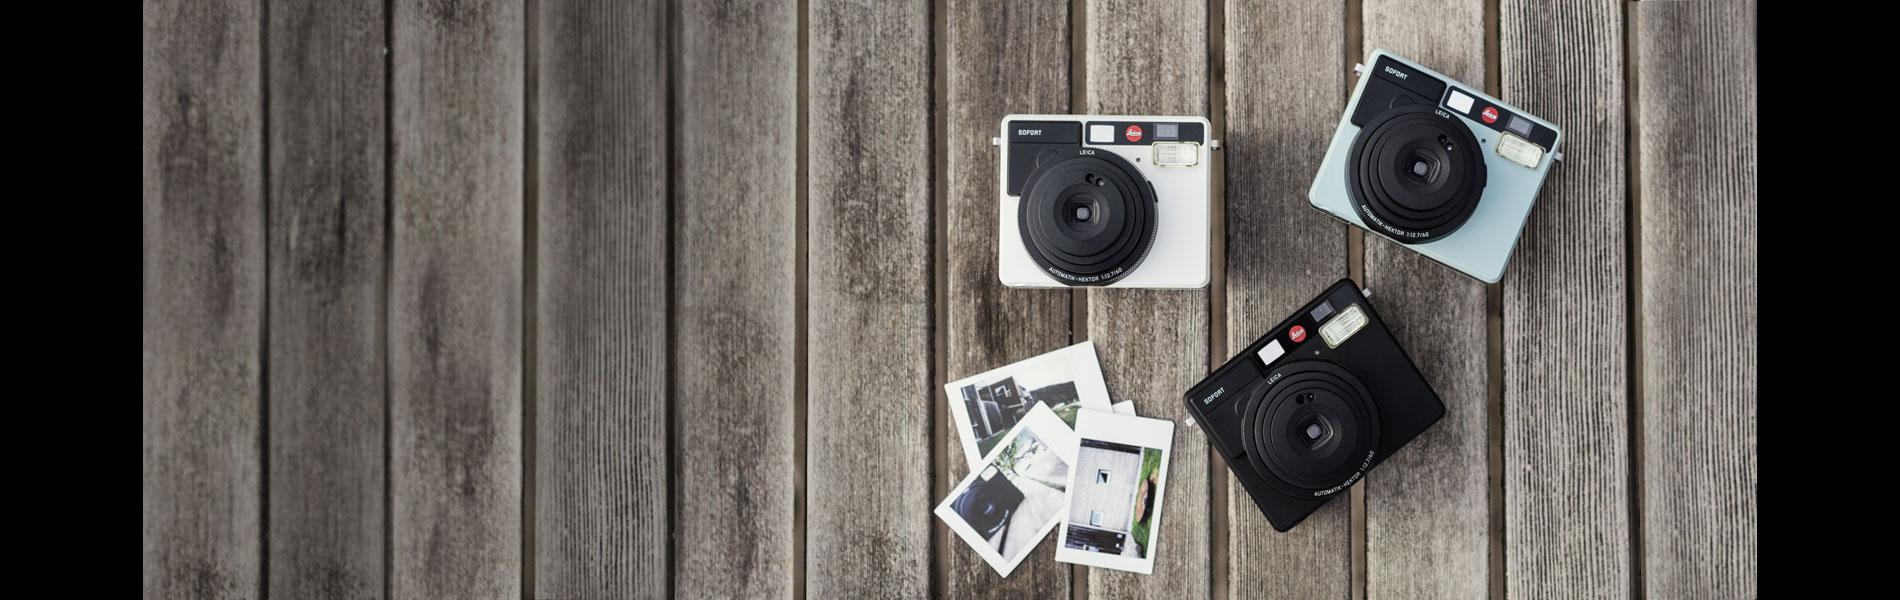 Leica SOFORT Camera